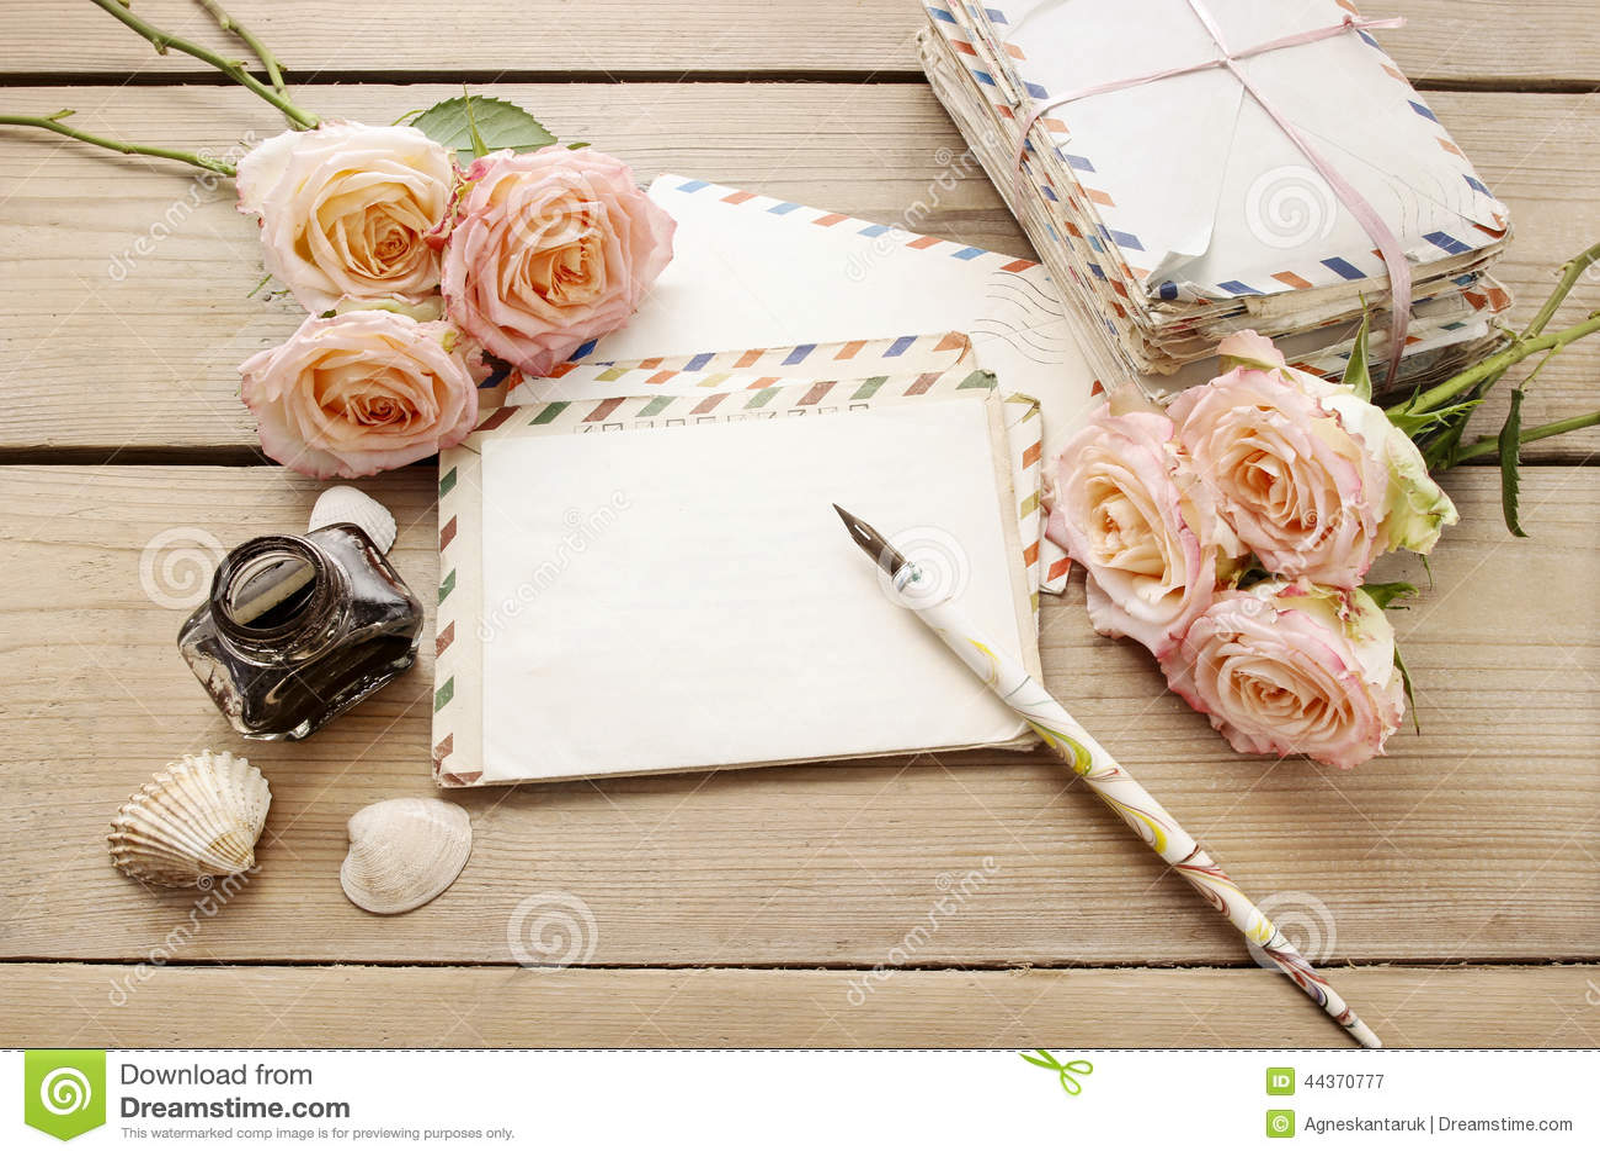 Старинные письма, розы и бутылка чернил на деревянном столе .